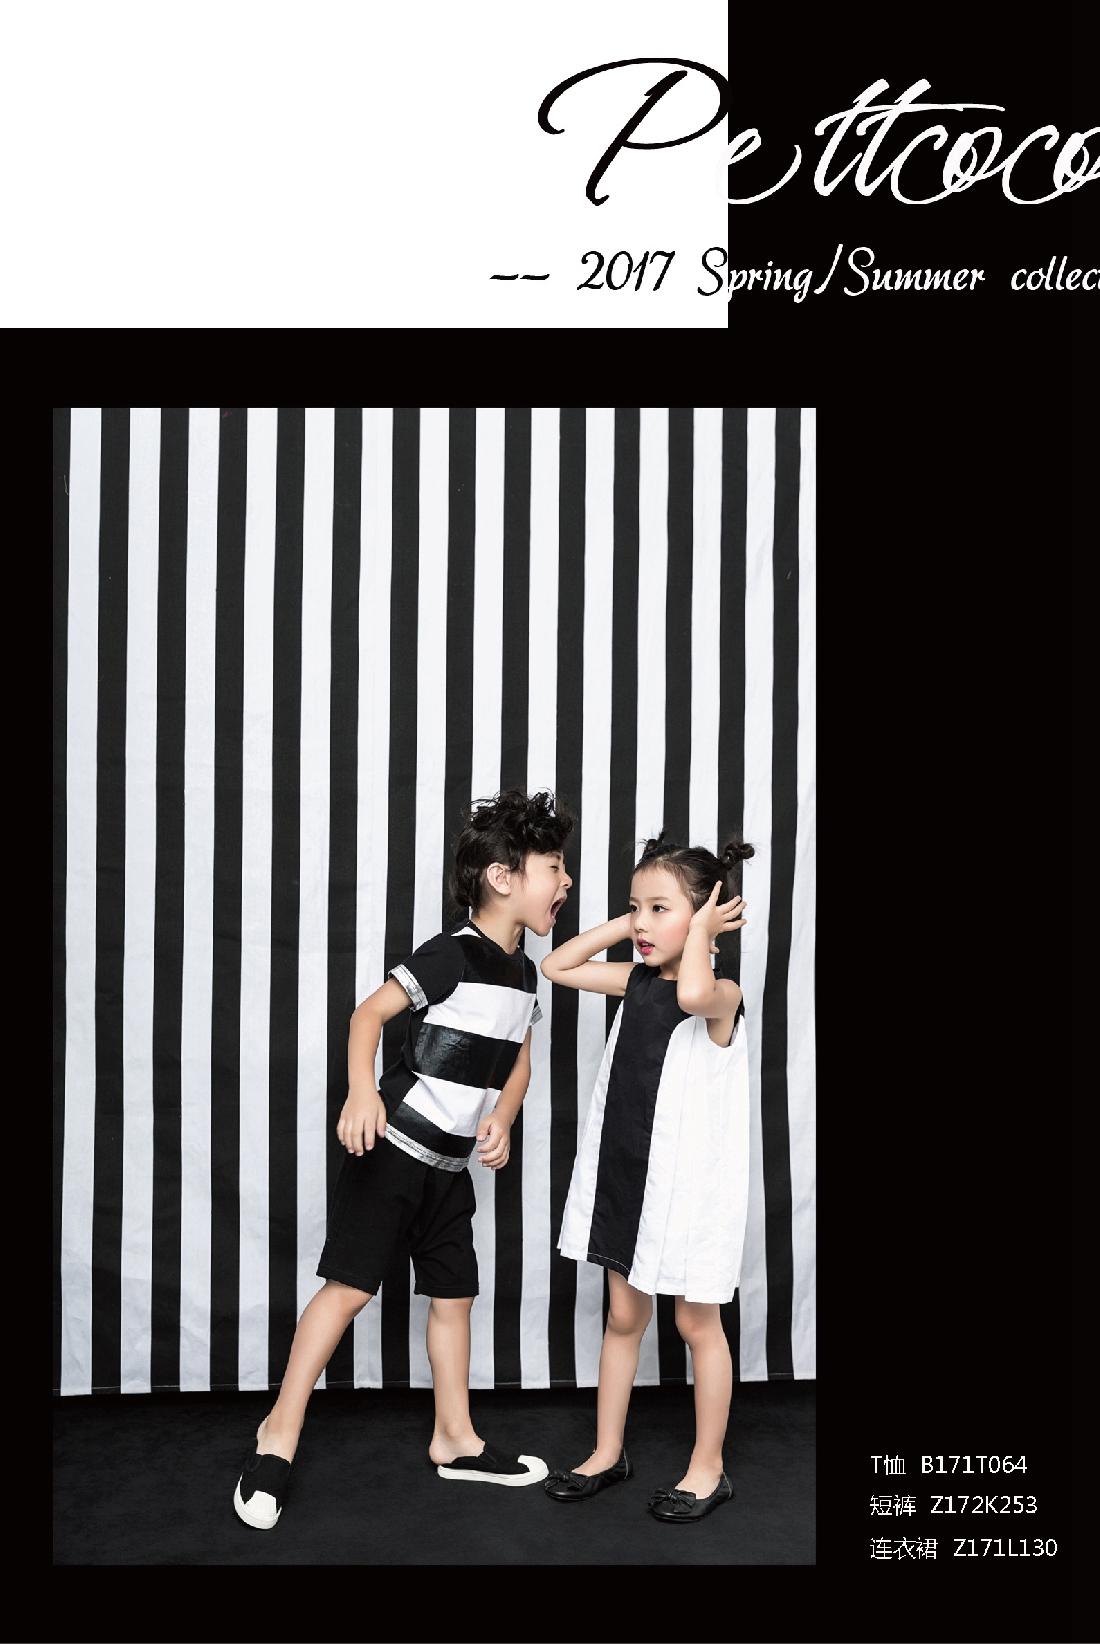 T恤B171T064 短裤Z172K253 连衣裙Z171L130